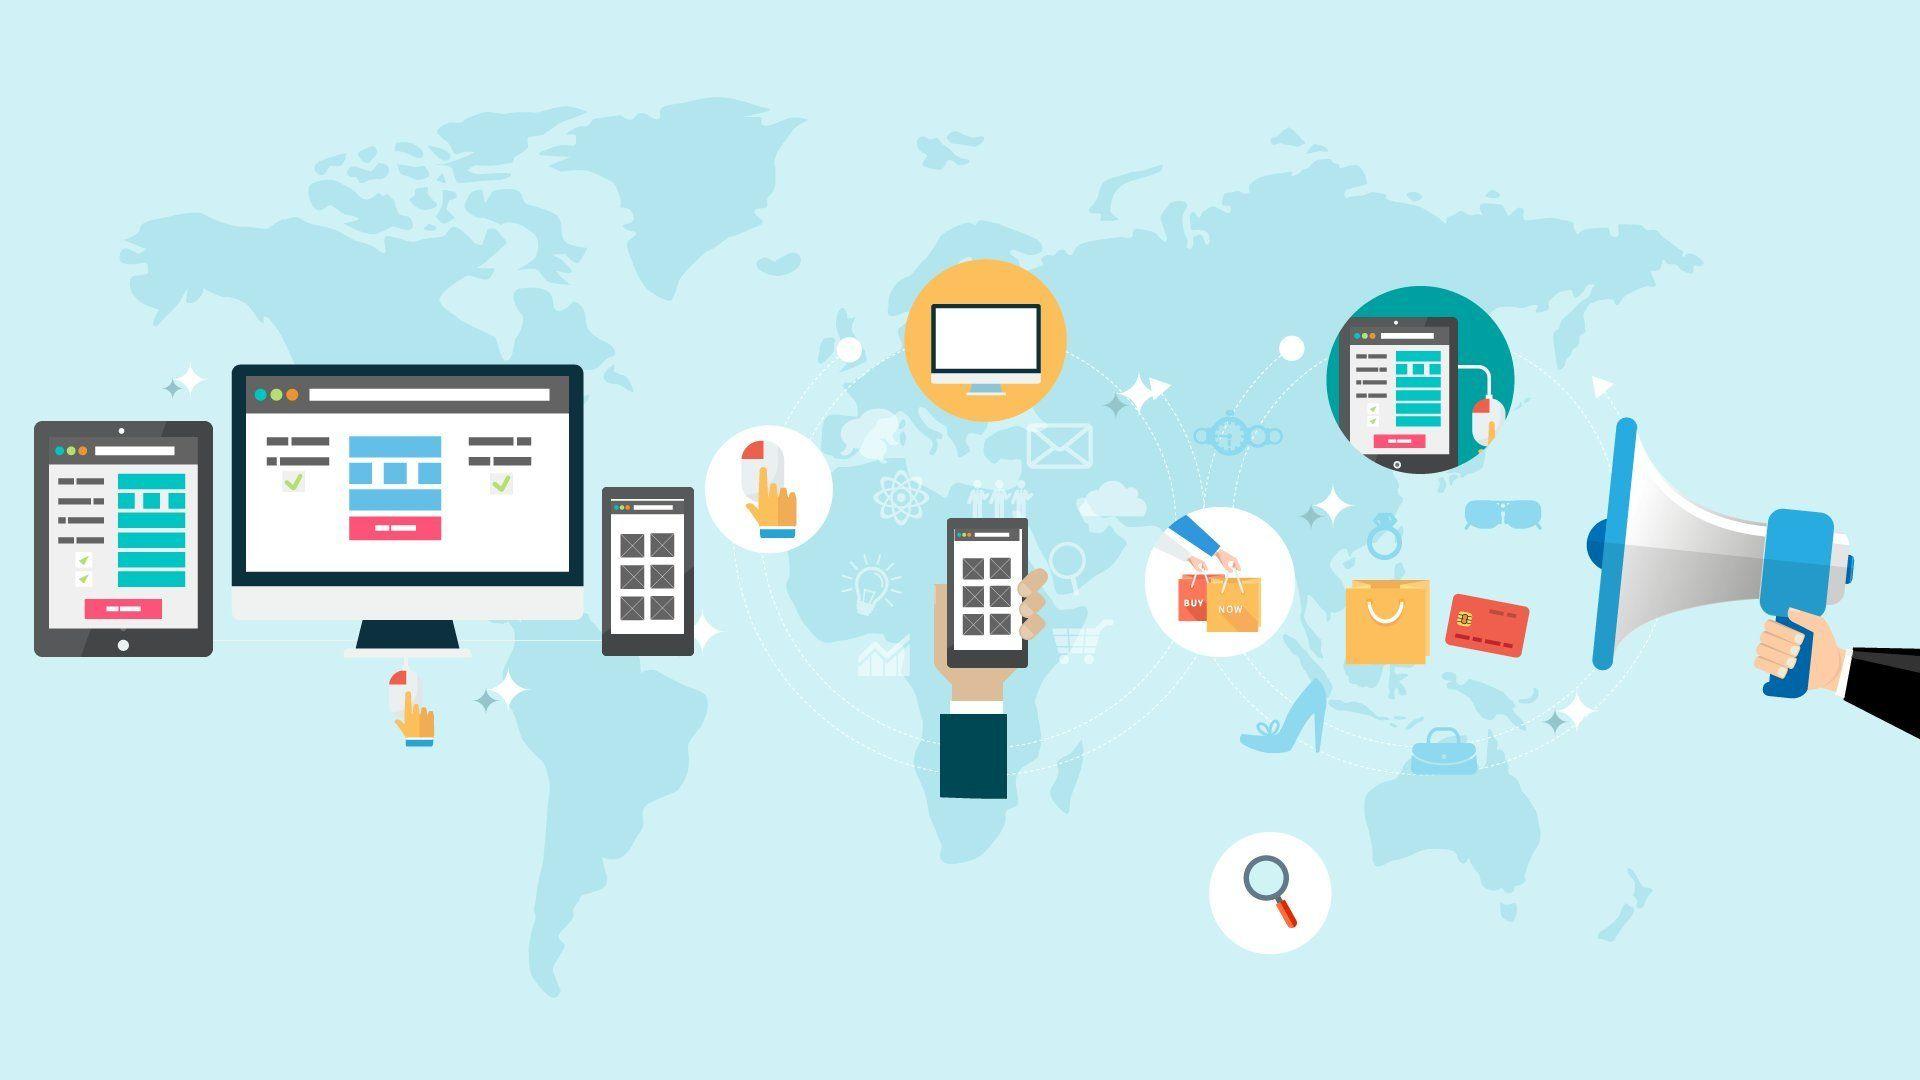 digital-marketing-plan-for-small-medium-businesses1-digital-marketing